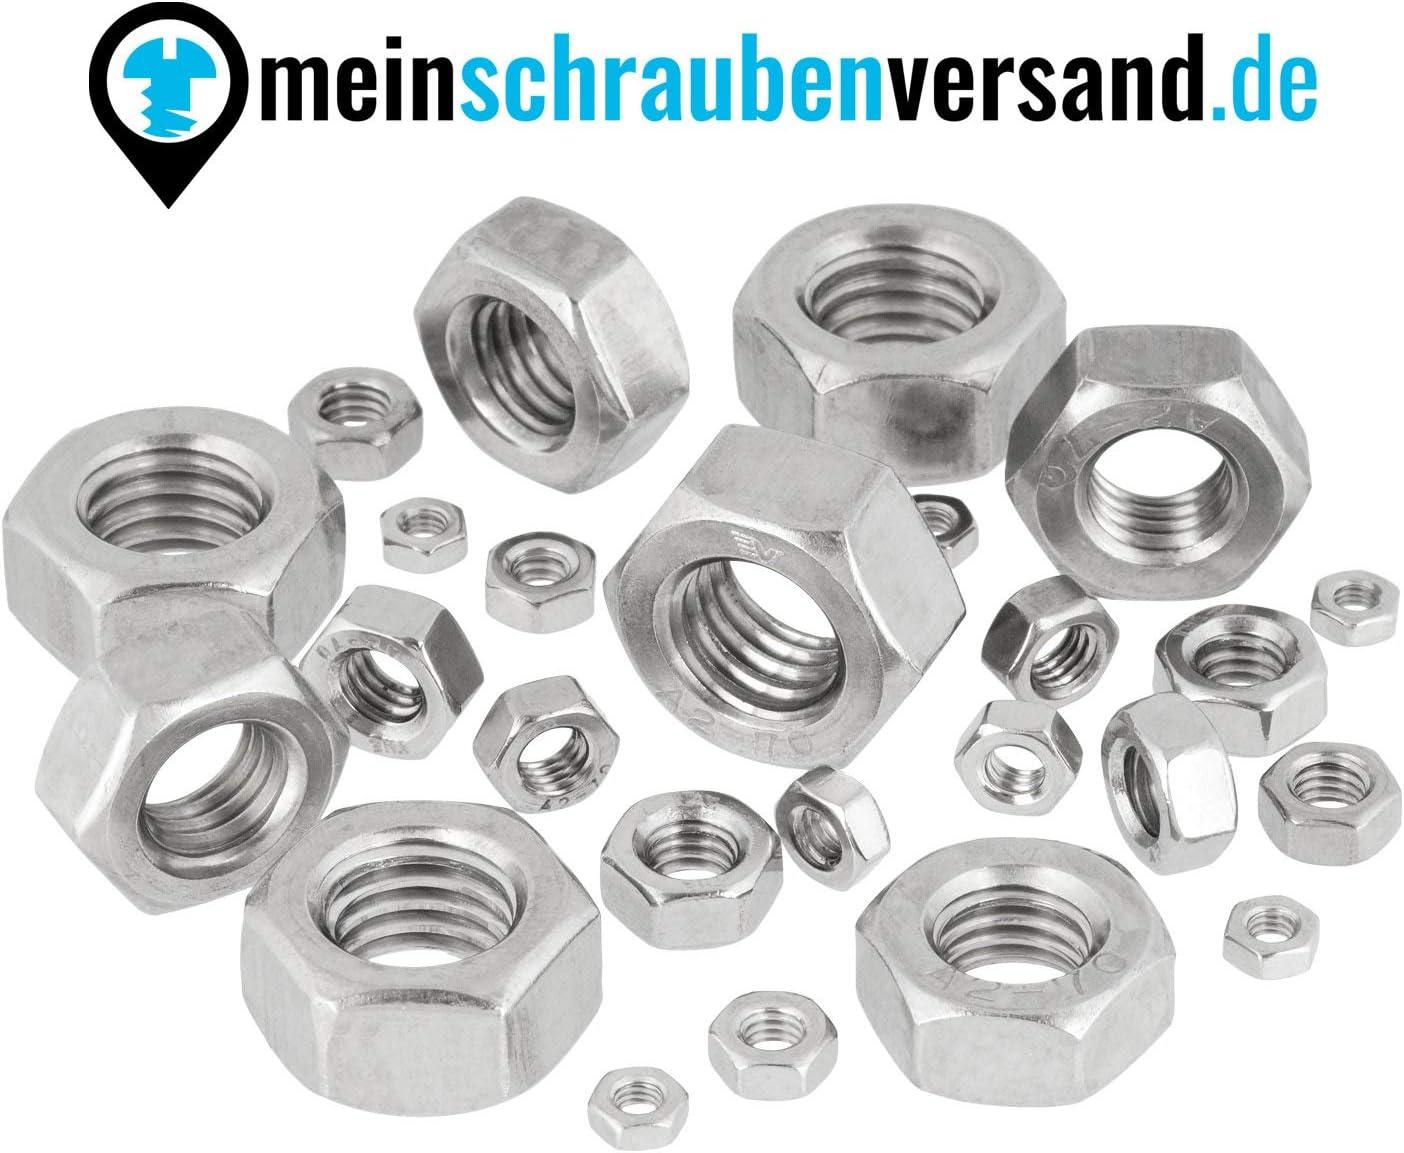 V2A 100 unidades Tuercas hexagonales M3 tuercas de acero inoxidable M3 DIN 934 ISO 4032 A2 versi/ón est/ándar